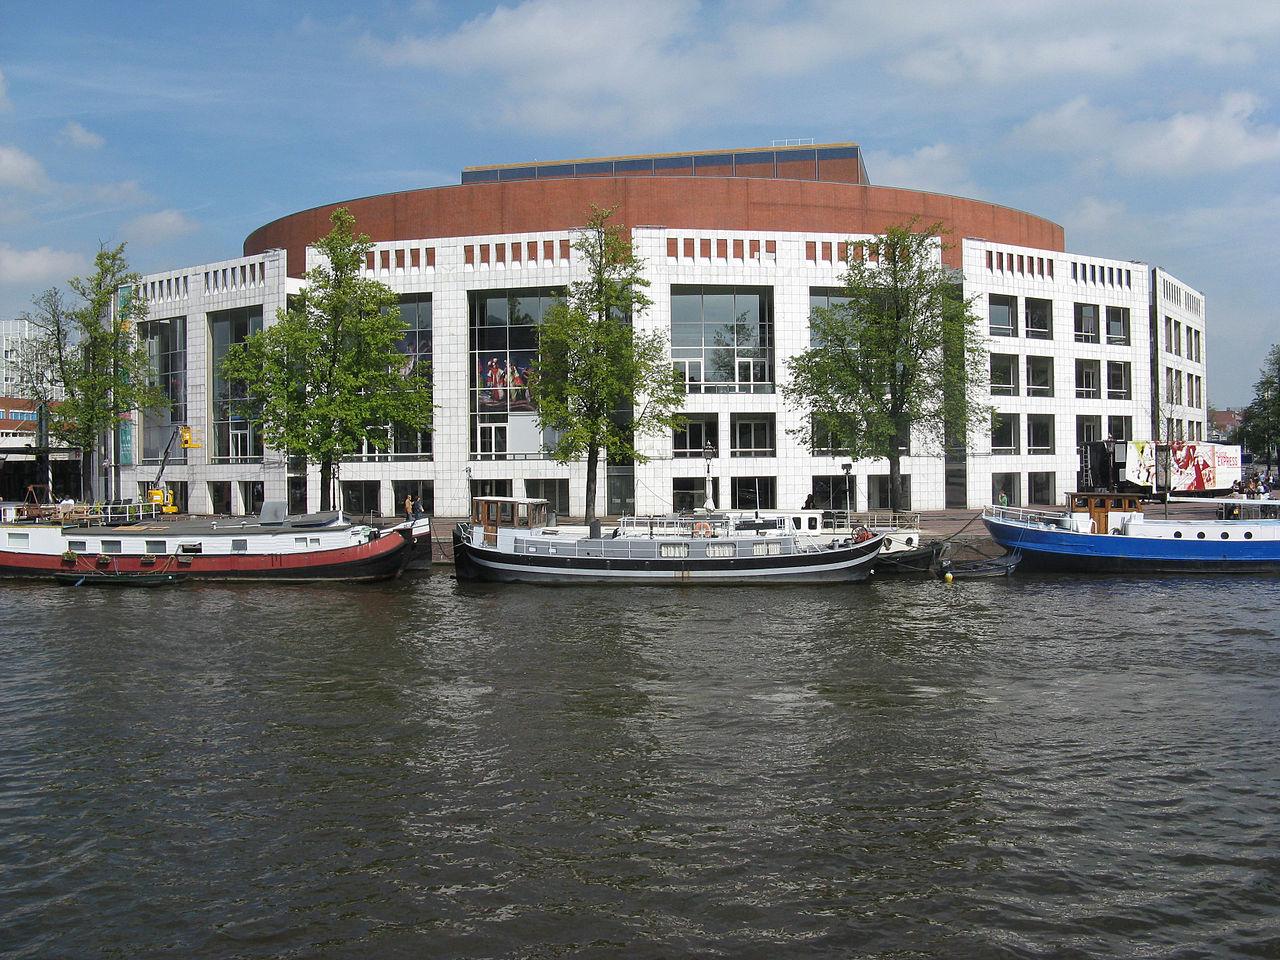 Amsterdamse bijstand